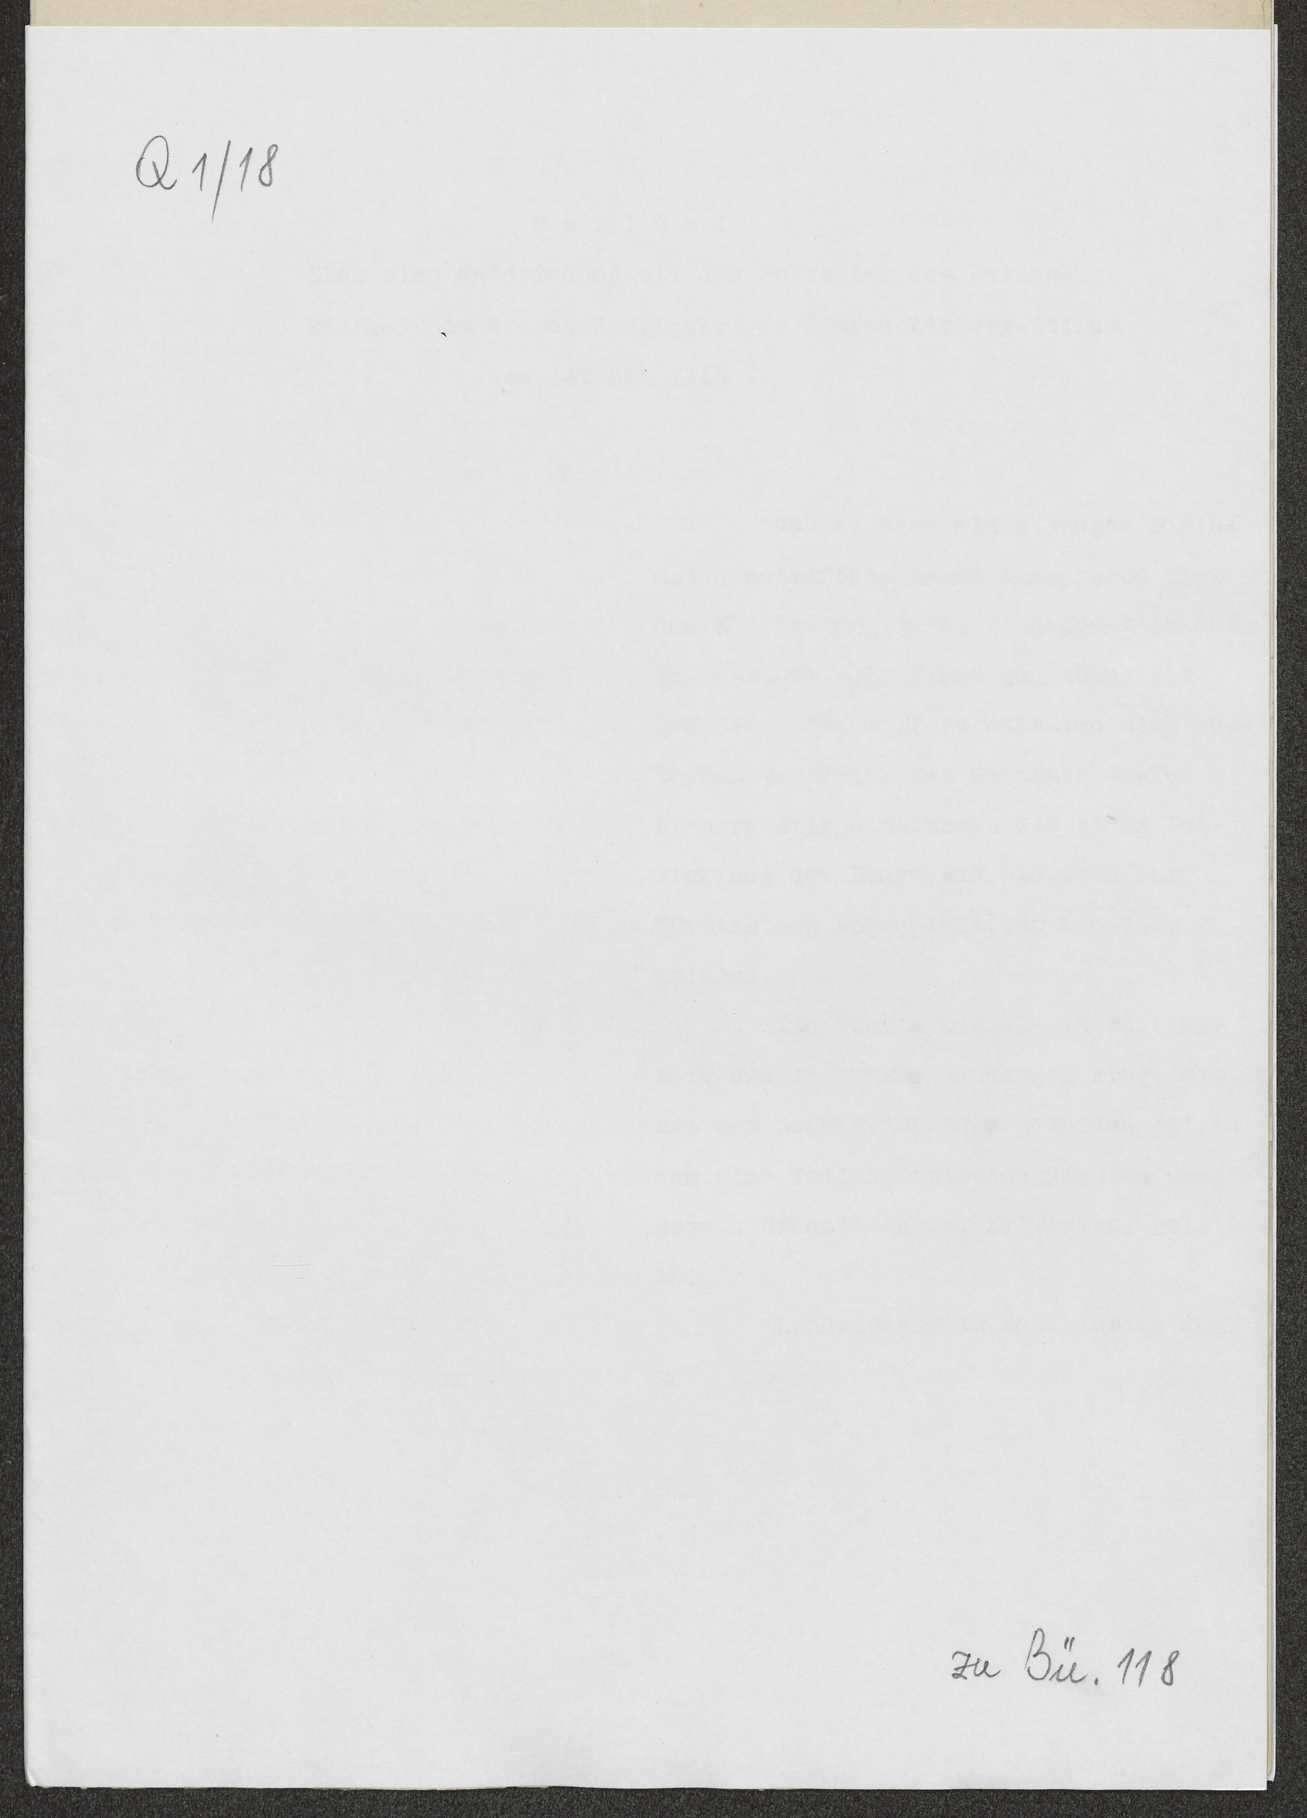 Berichte des württembergischen Militärbevollmächtigten beim Großen Hauptquartier, v. Graevenitz, an Weizsäcker über die militärische Lage u.a., Bild 1